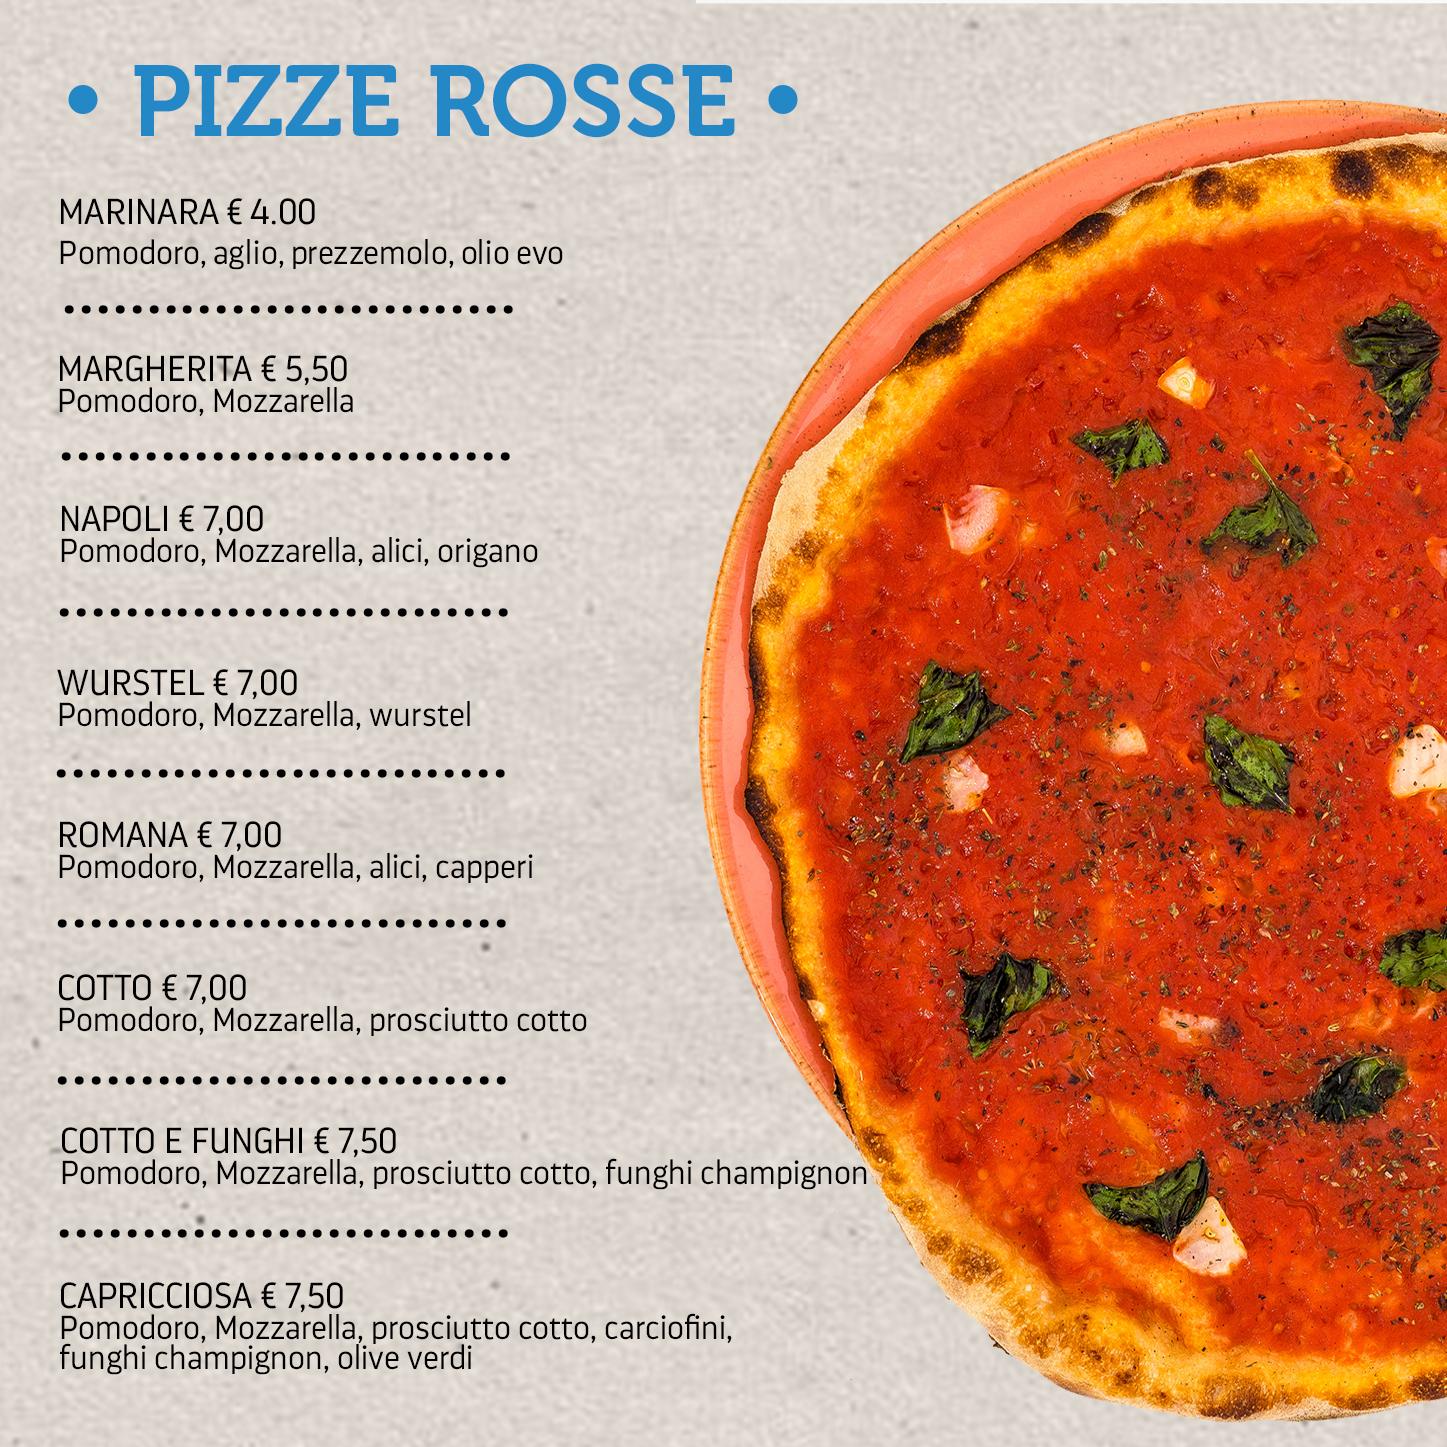 pizze rosse 01